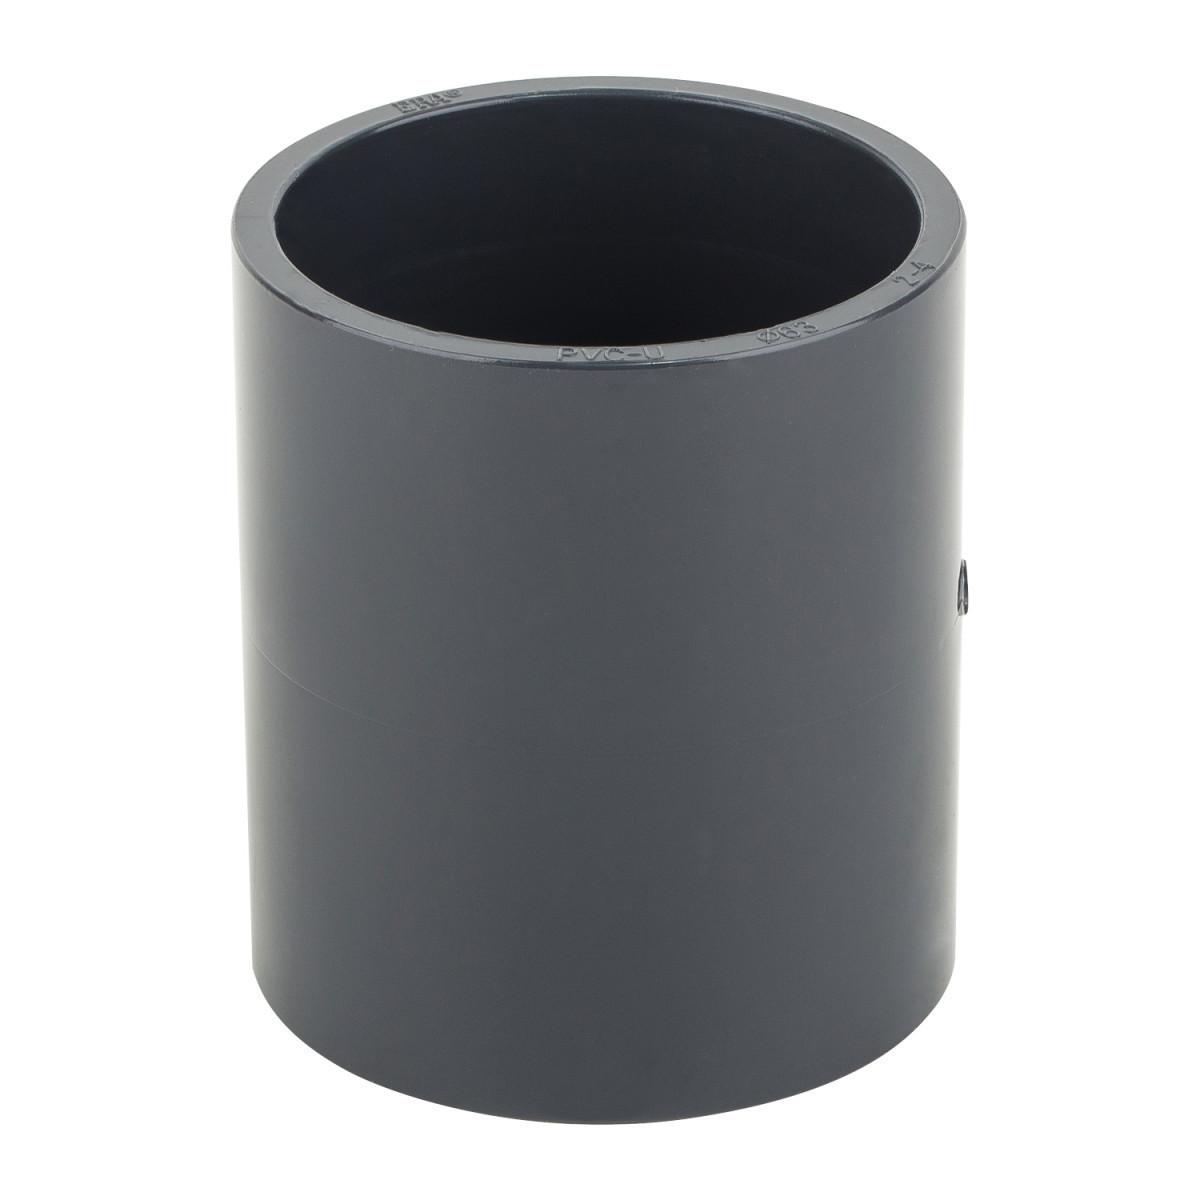 Муфта ПВХ ERA соеденительная, диаметр 125 мм.